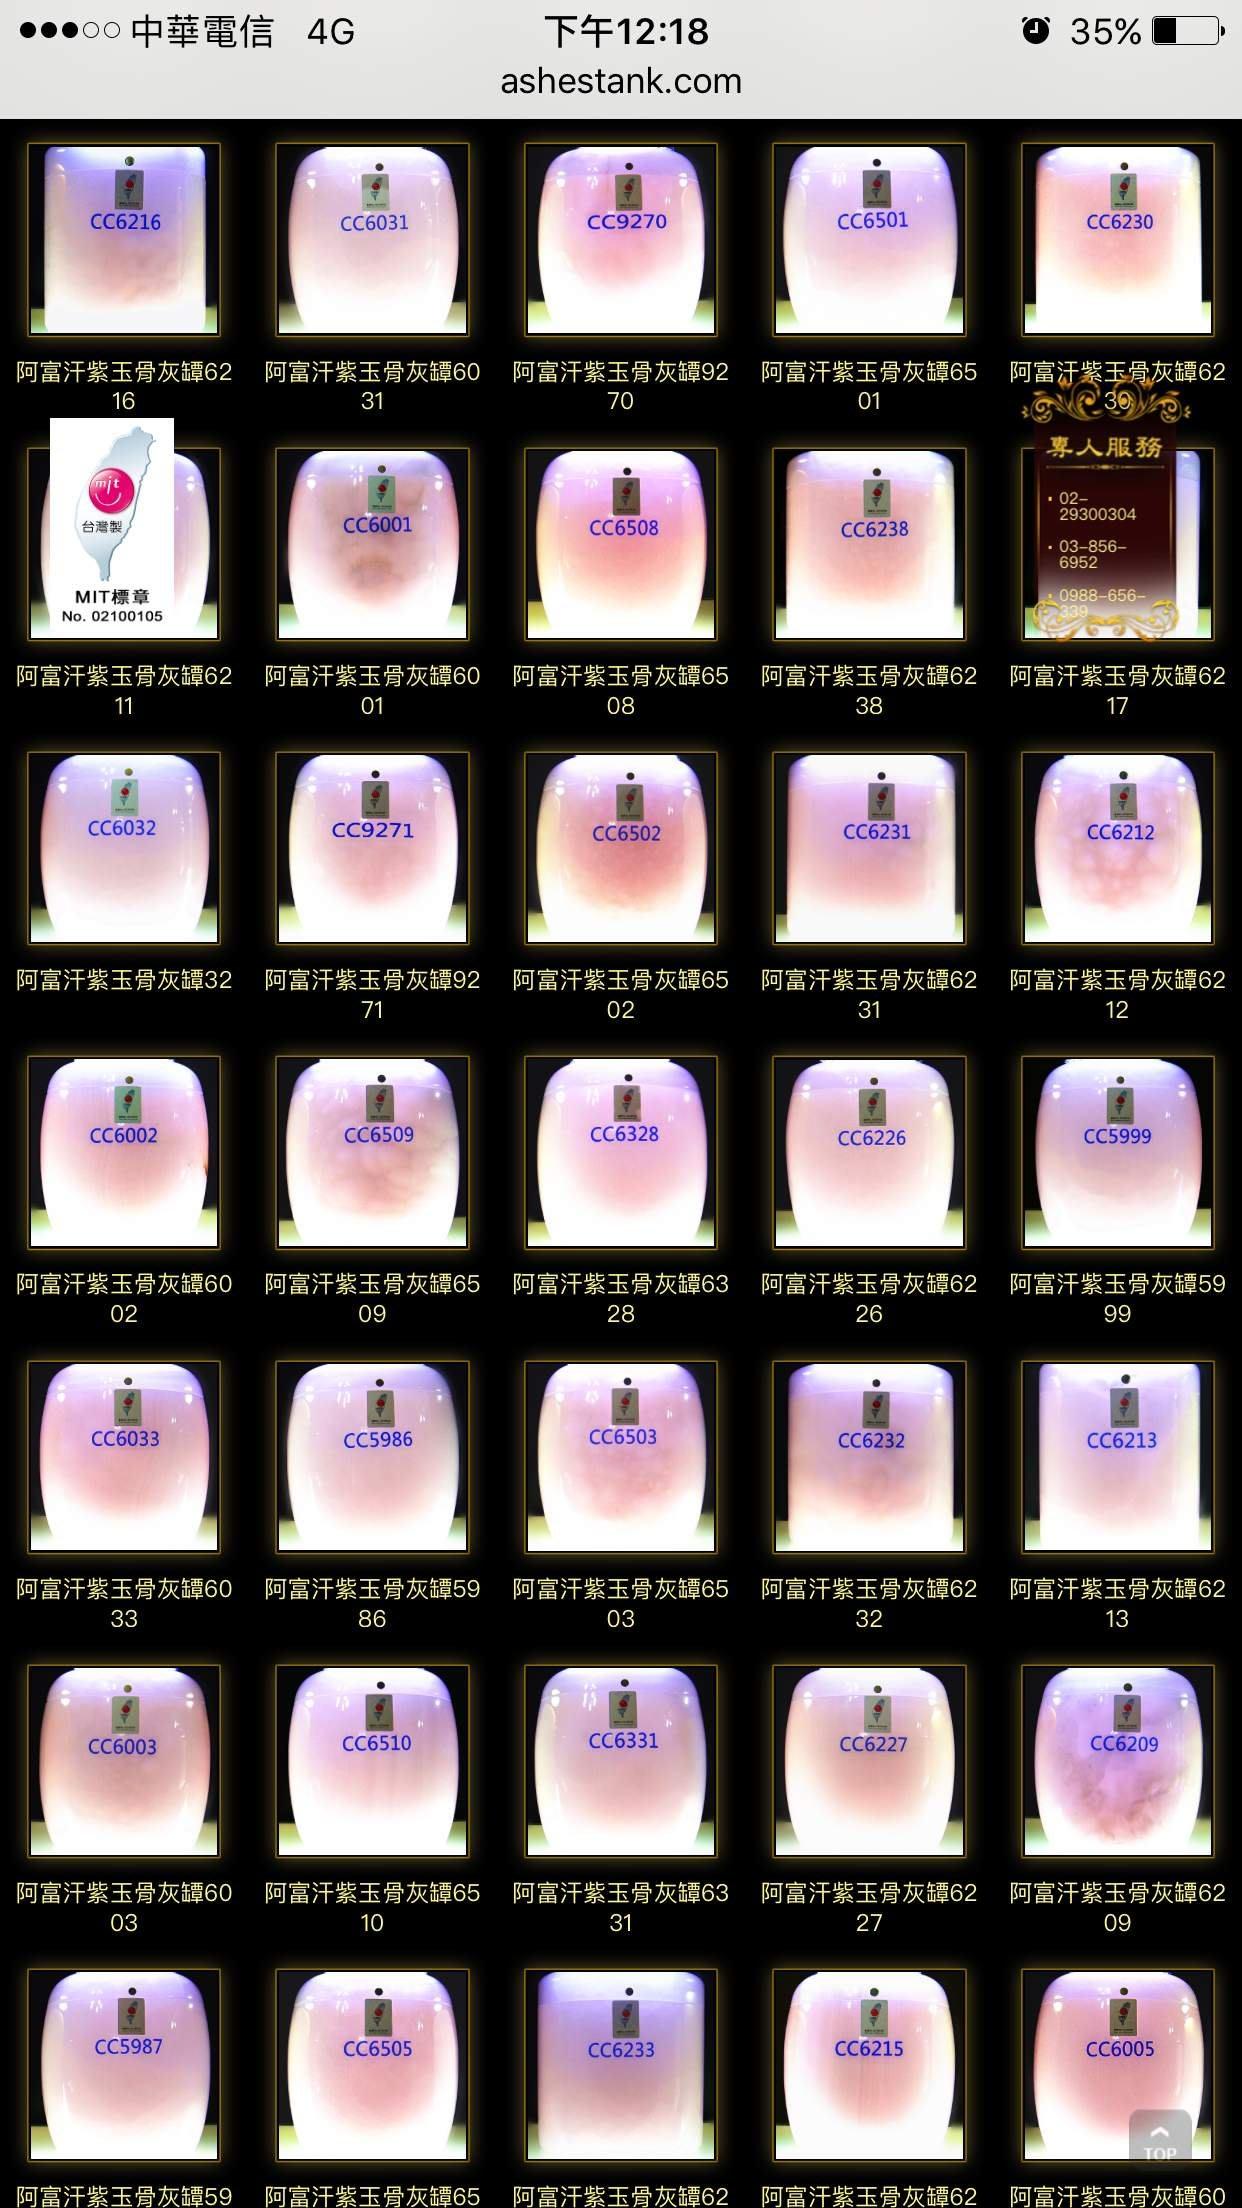 《傳承石藝台北市二殯》花蓮骨灰罈骨灰罐工廠|大量生產價格便宜|玉罐種類最多|廣受各方好評-首頁